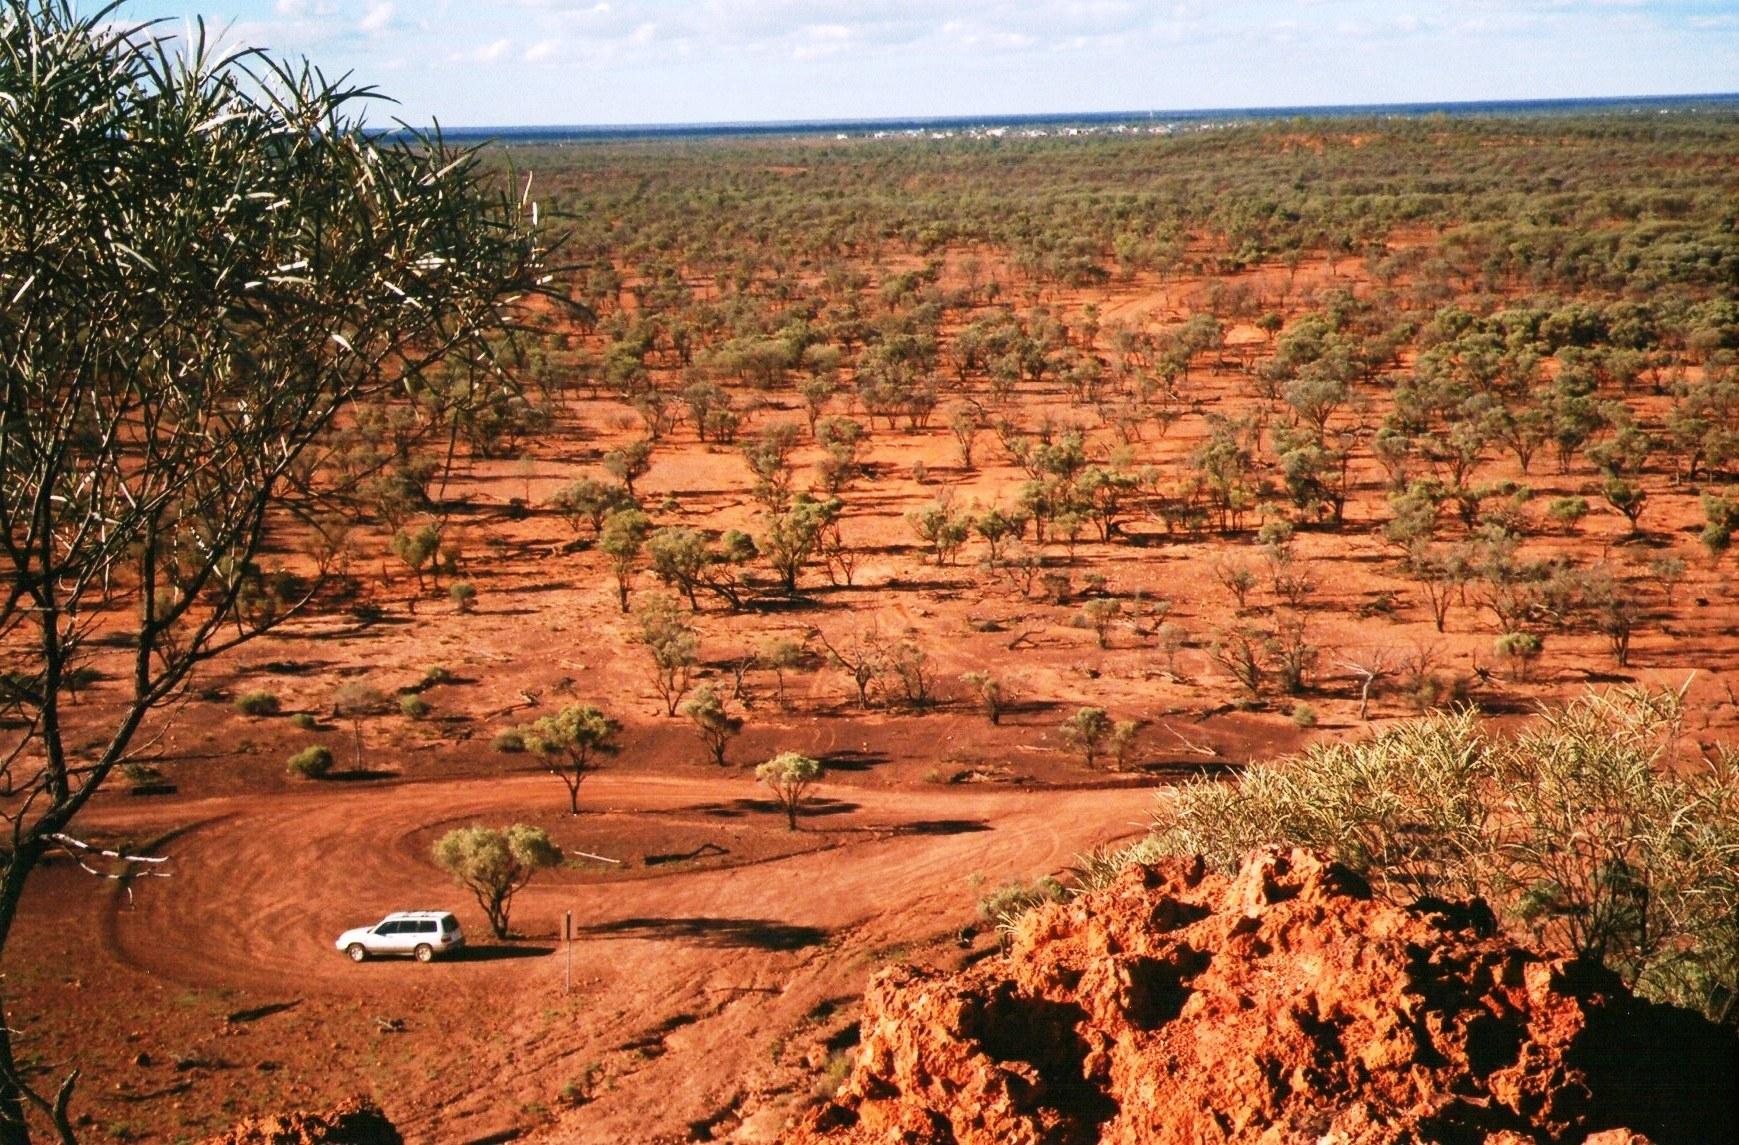 El último Top 10 lista de experiencias Queensland - Queensland Blog